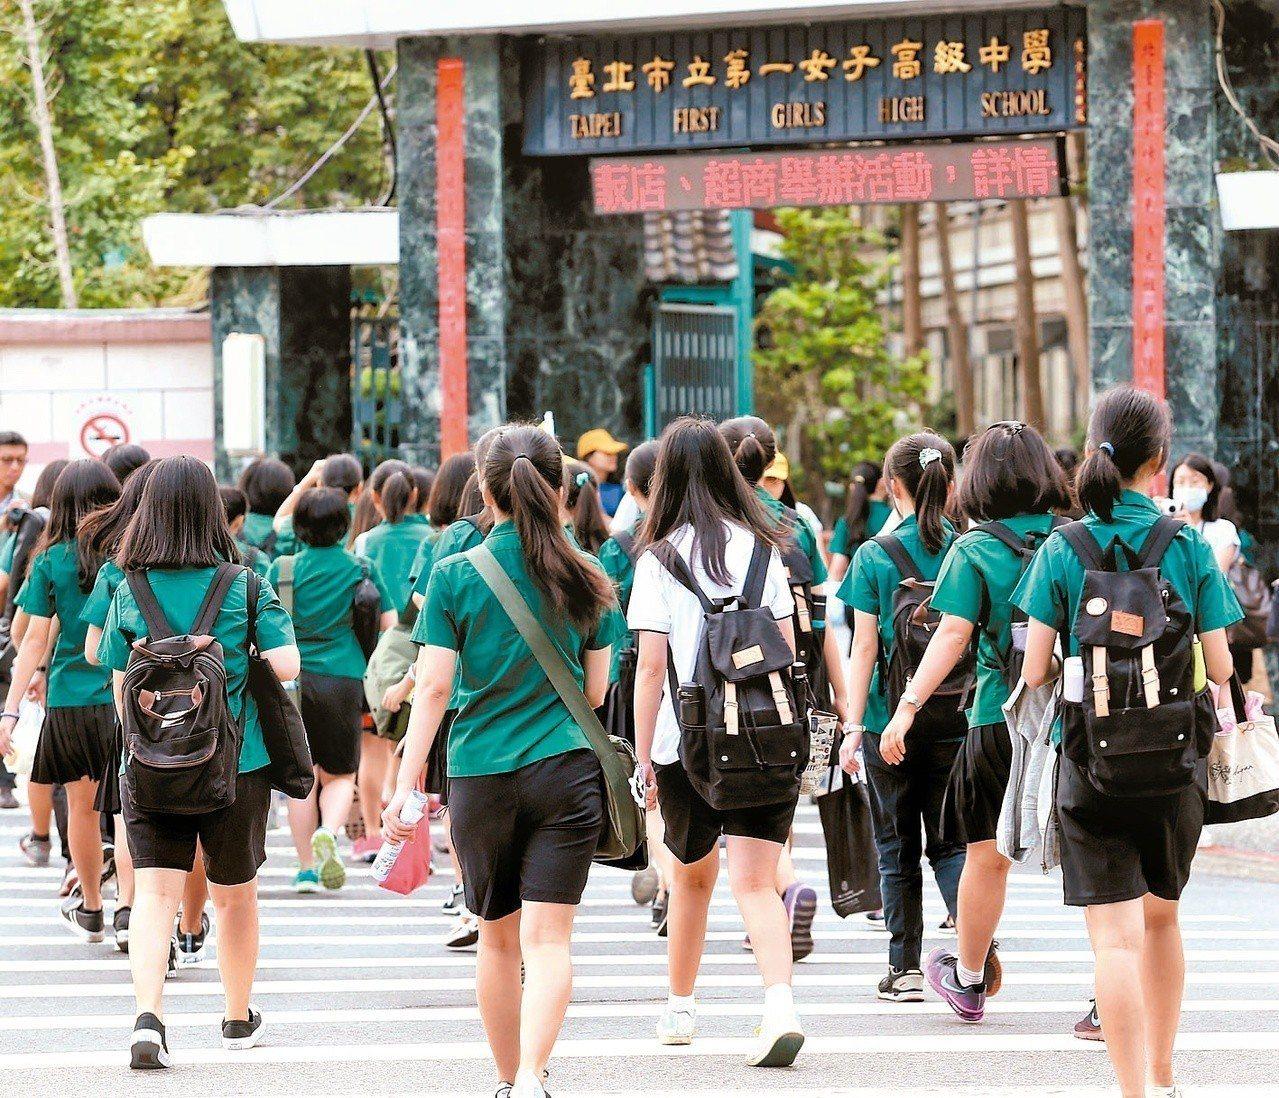 台北市教育局宣佈,108學年度人社資優班辦理方式將作調整,由原集中式資優班轉型為...